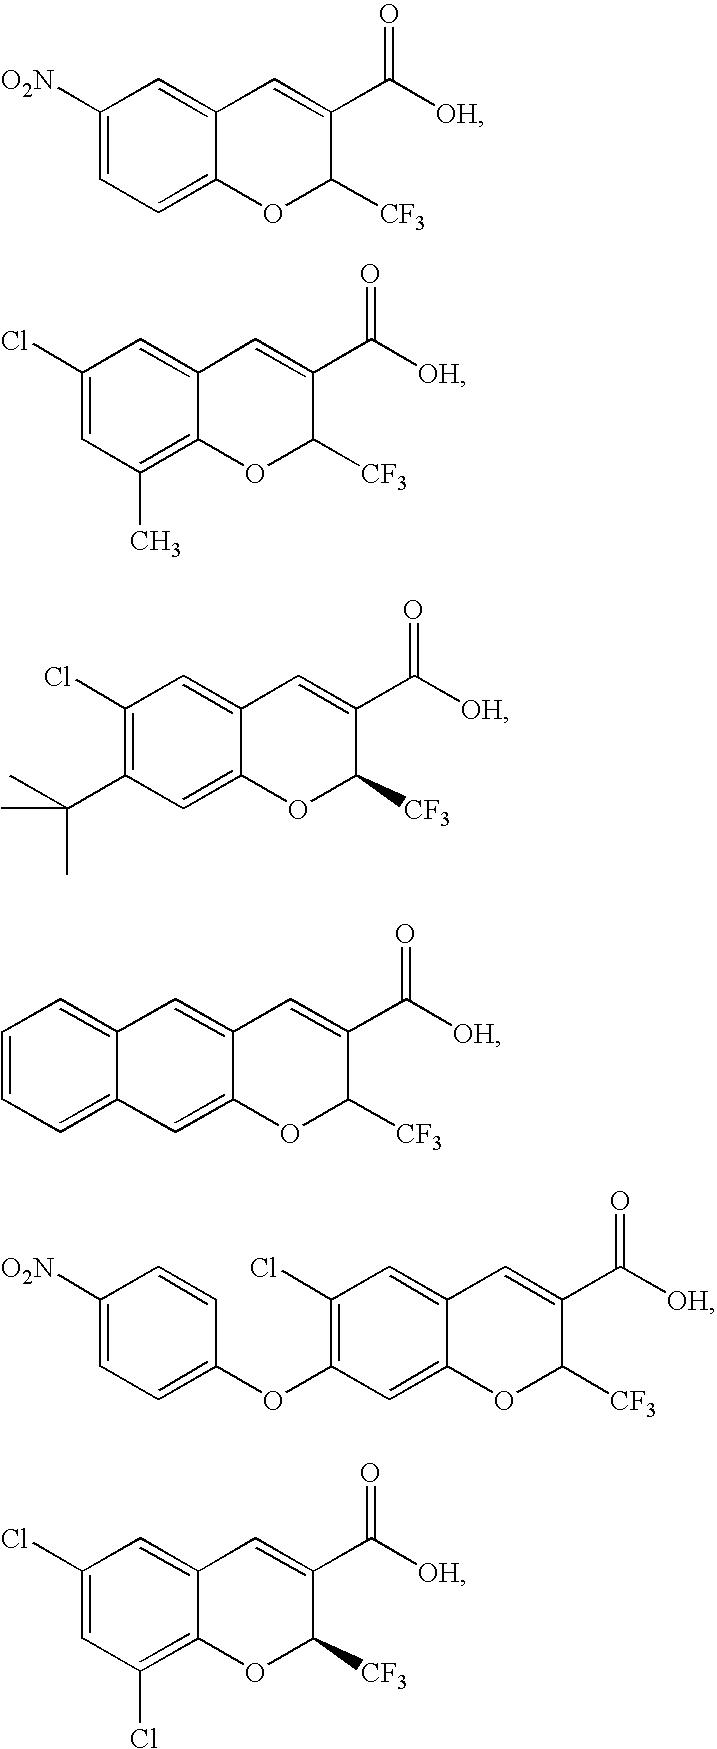 Figure US20030211163A1-20031113-C00045